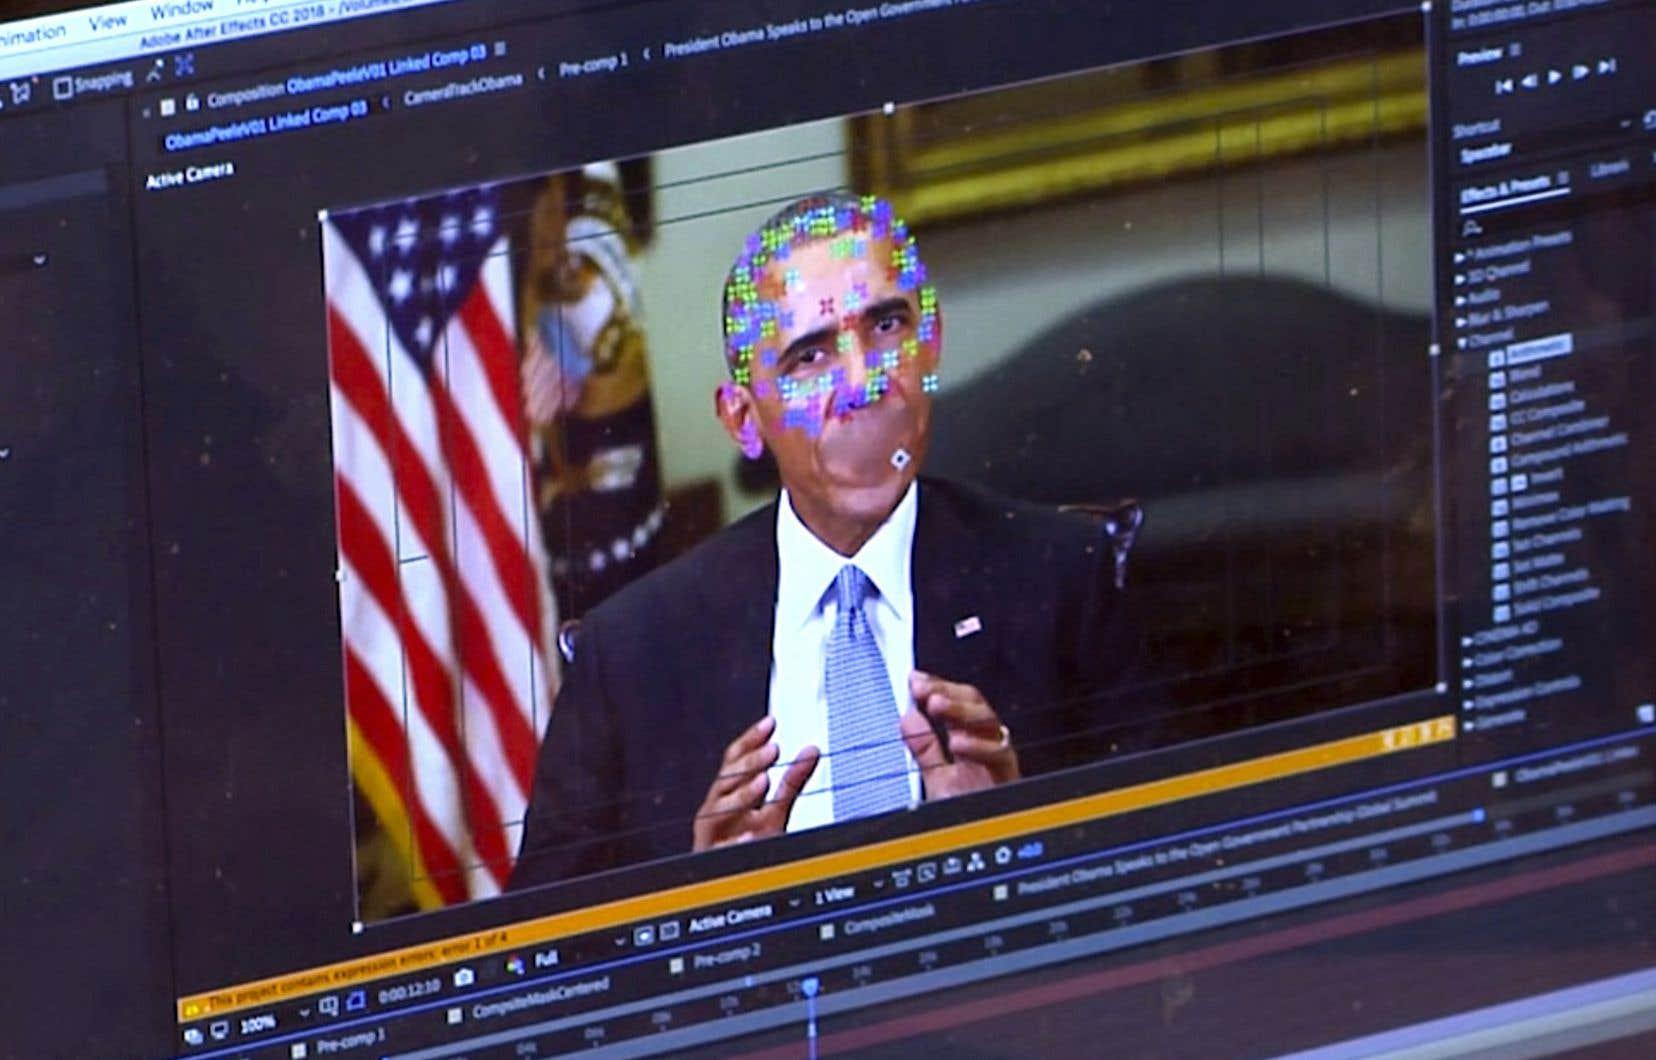 Une fausse vidéo faisant parler Barack Obama a circulé en 2018.